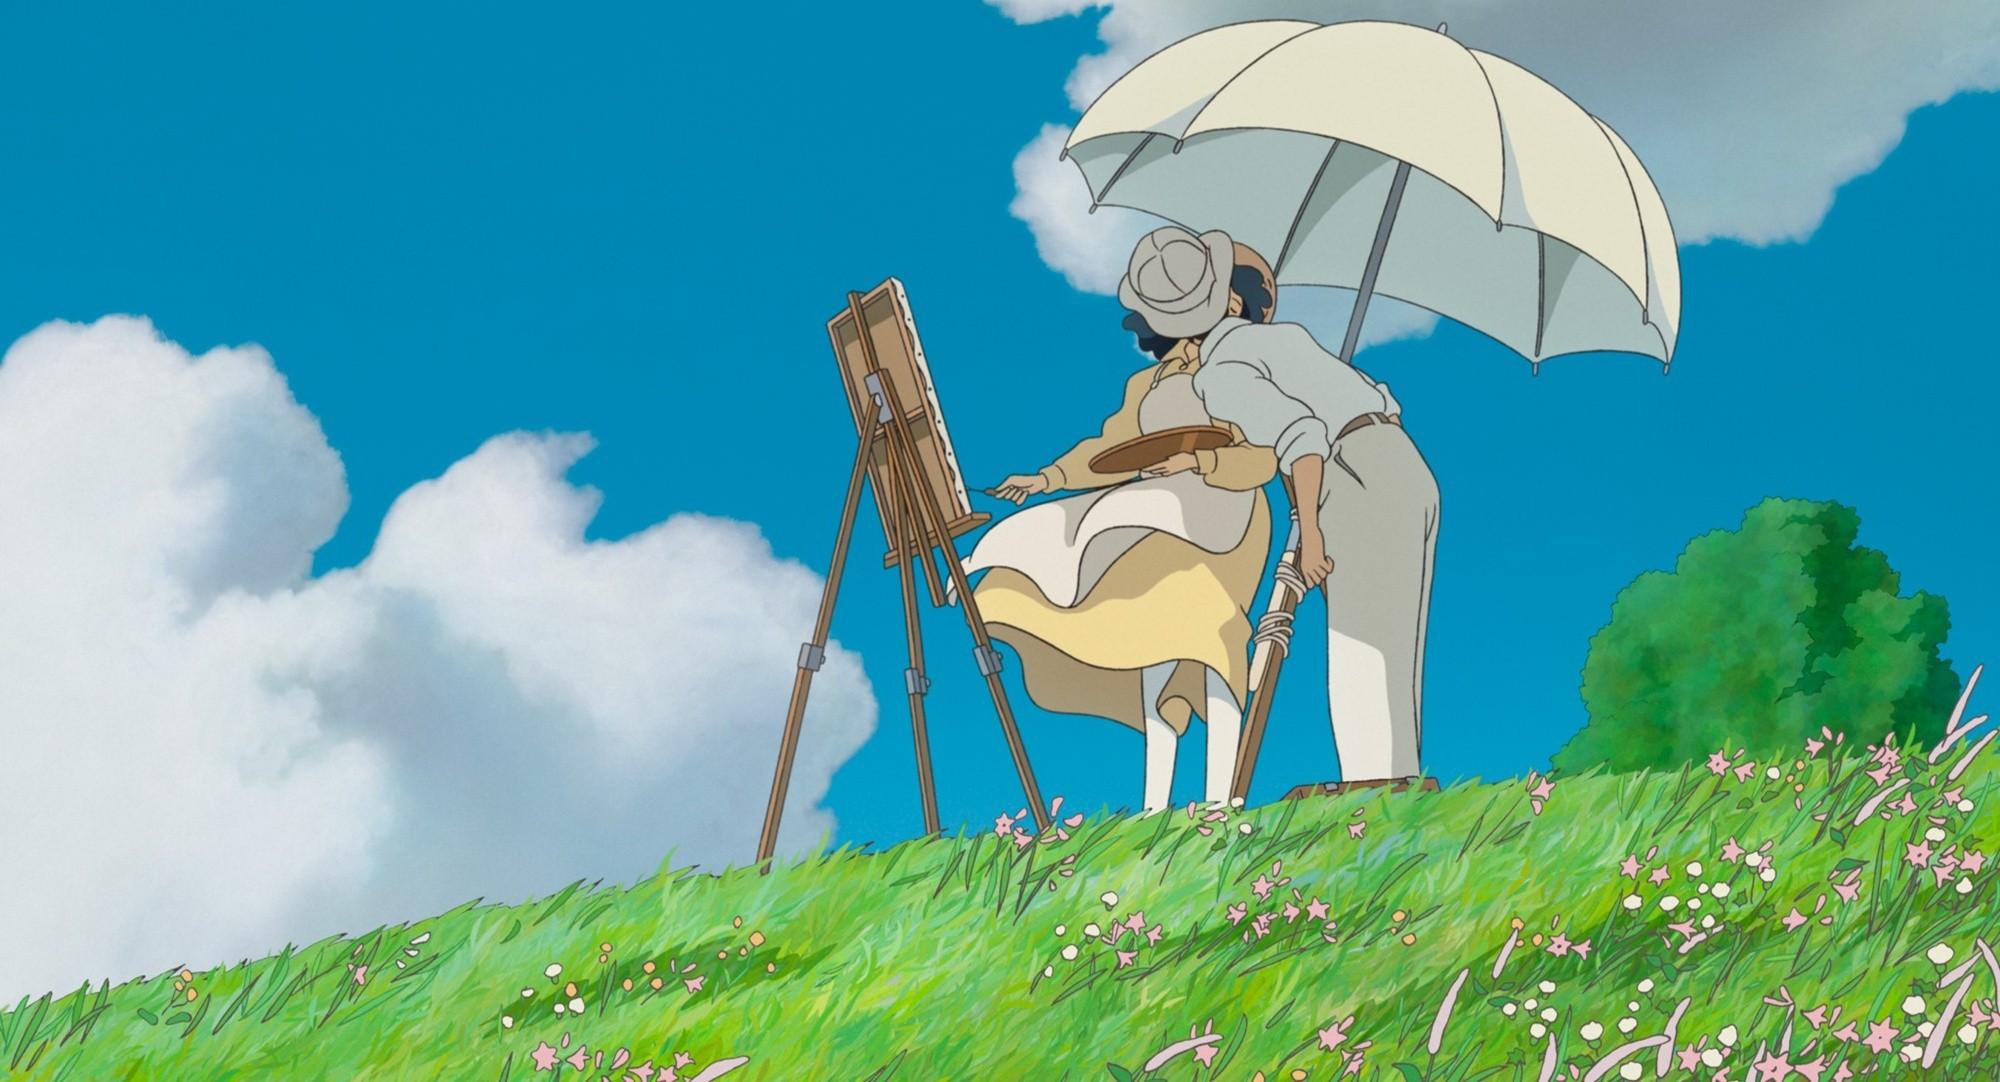 Top 5 anime chiến tranh kinh điển lấy đi nhiều nước mắt nhất (7)